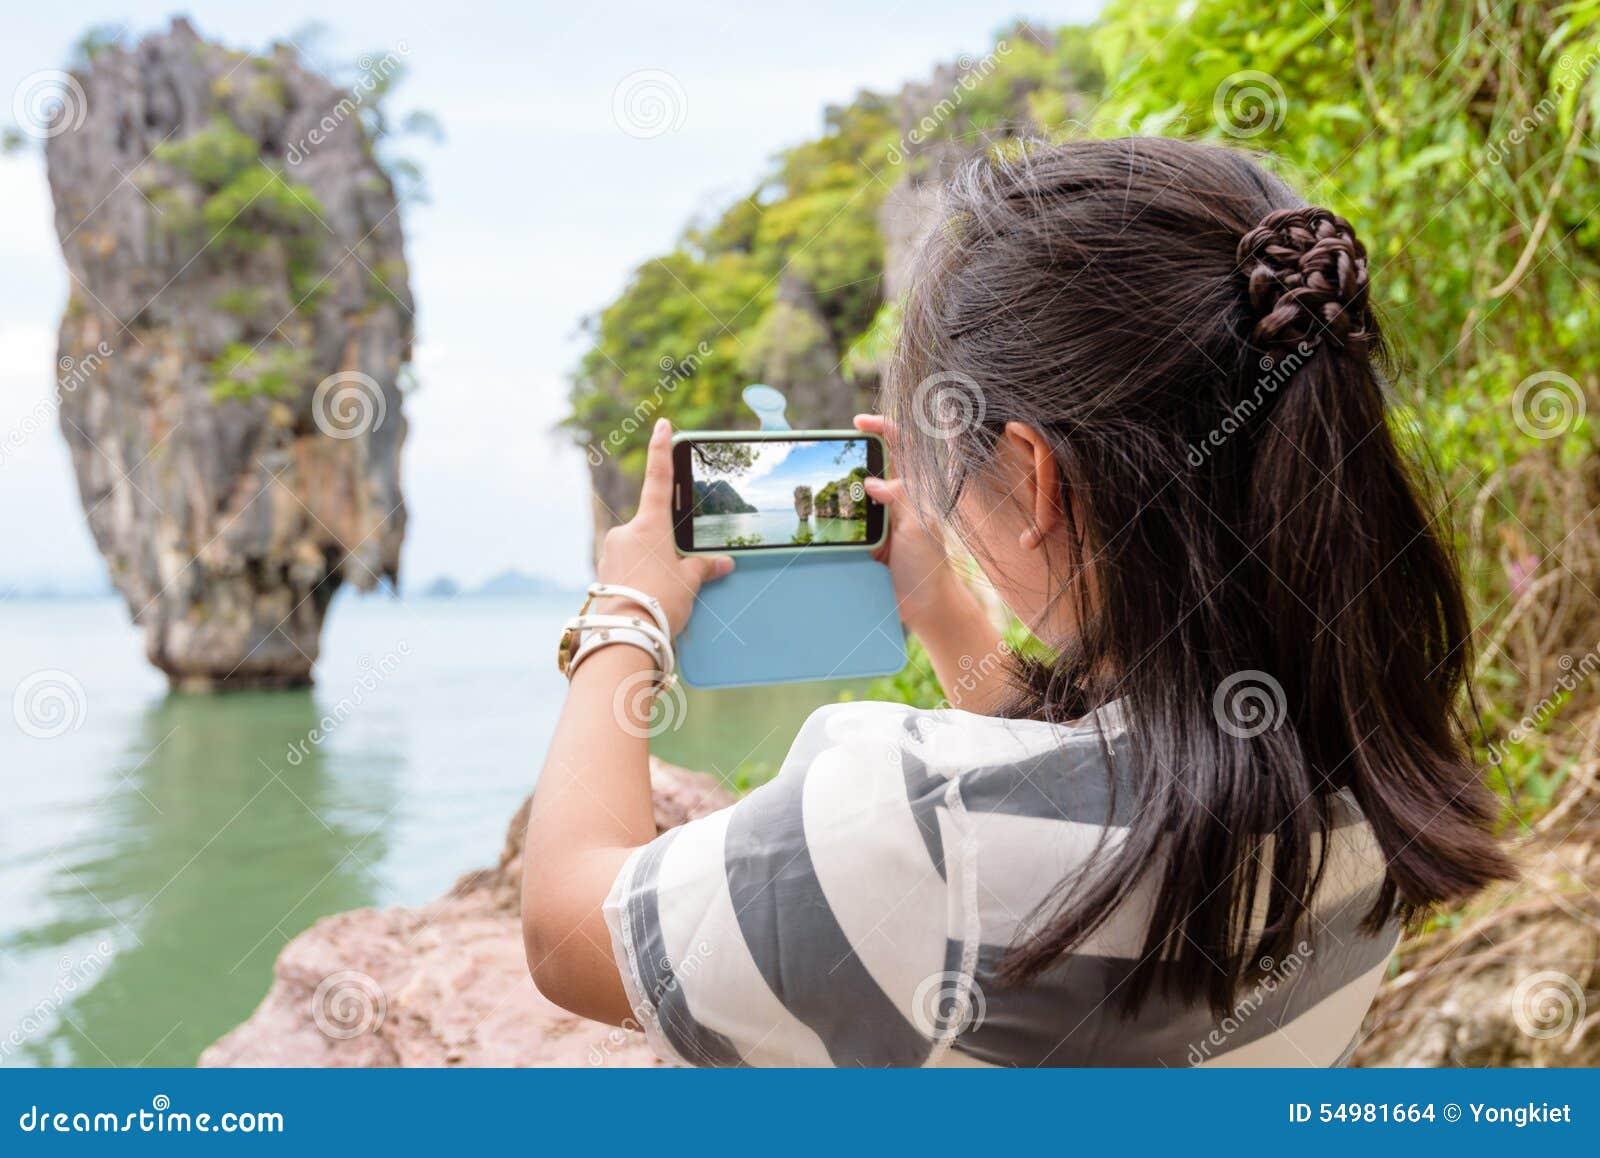 Взгляд туристской стрельбы женщин естественный мобильным телефоном